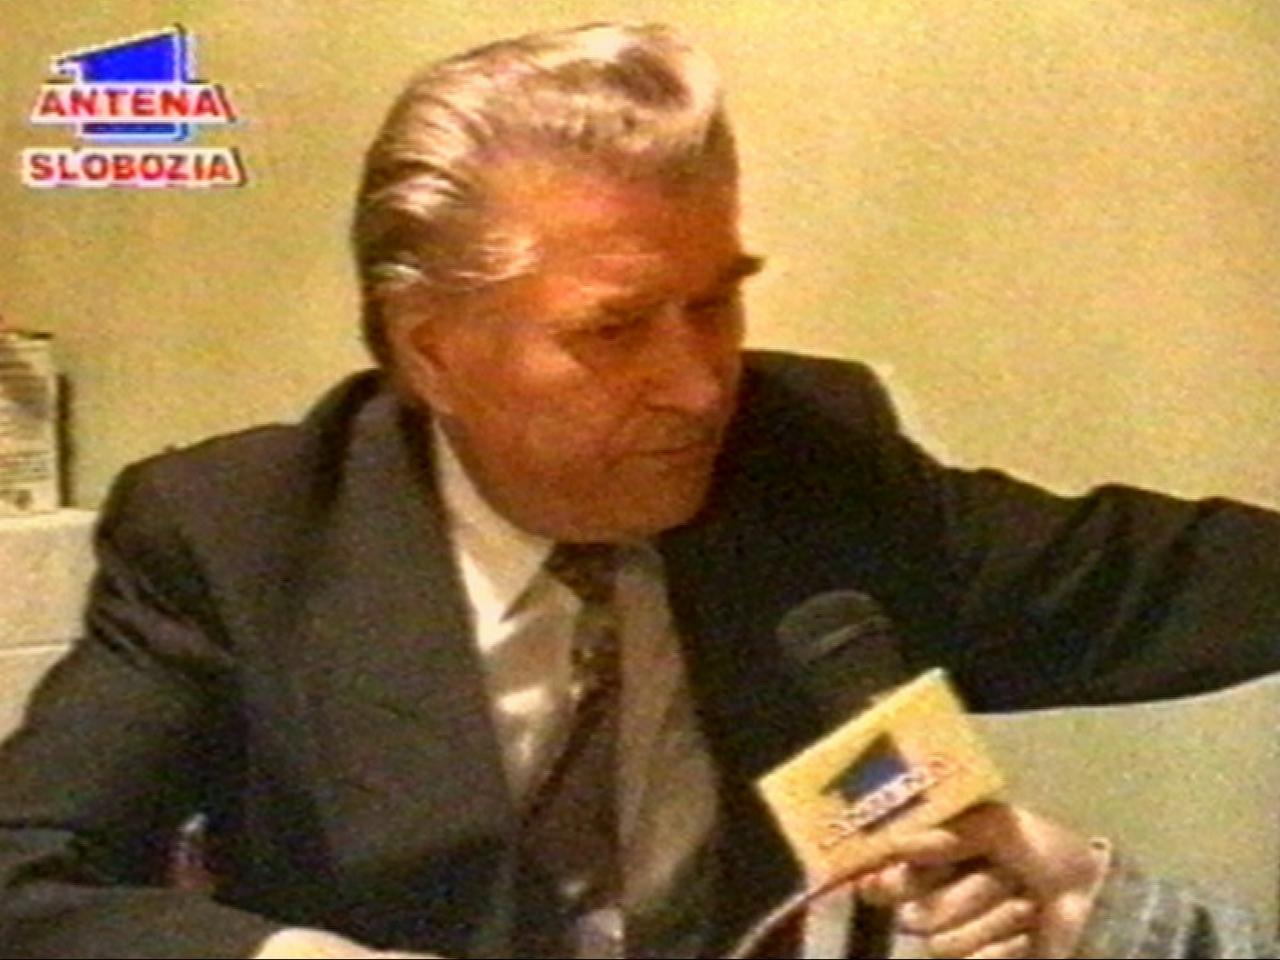 Amara 1997 - Vasile Donose.jpg